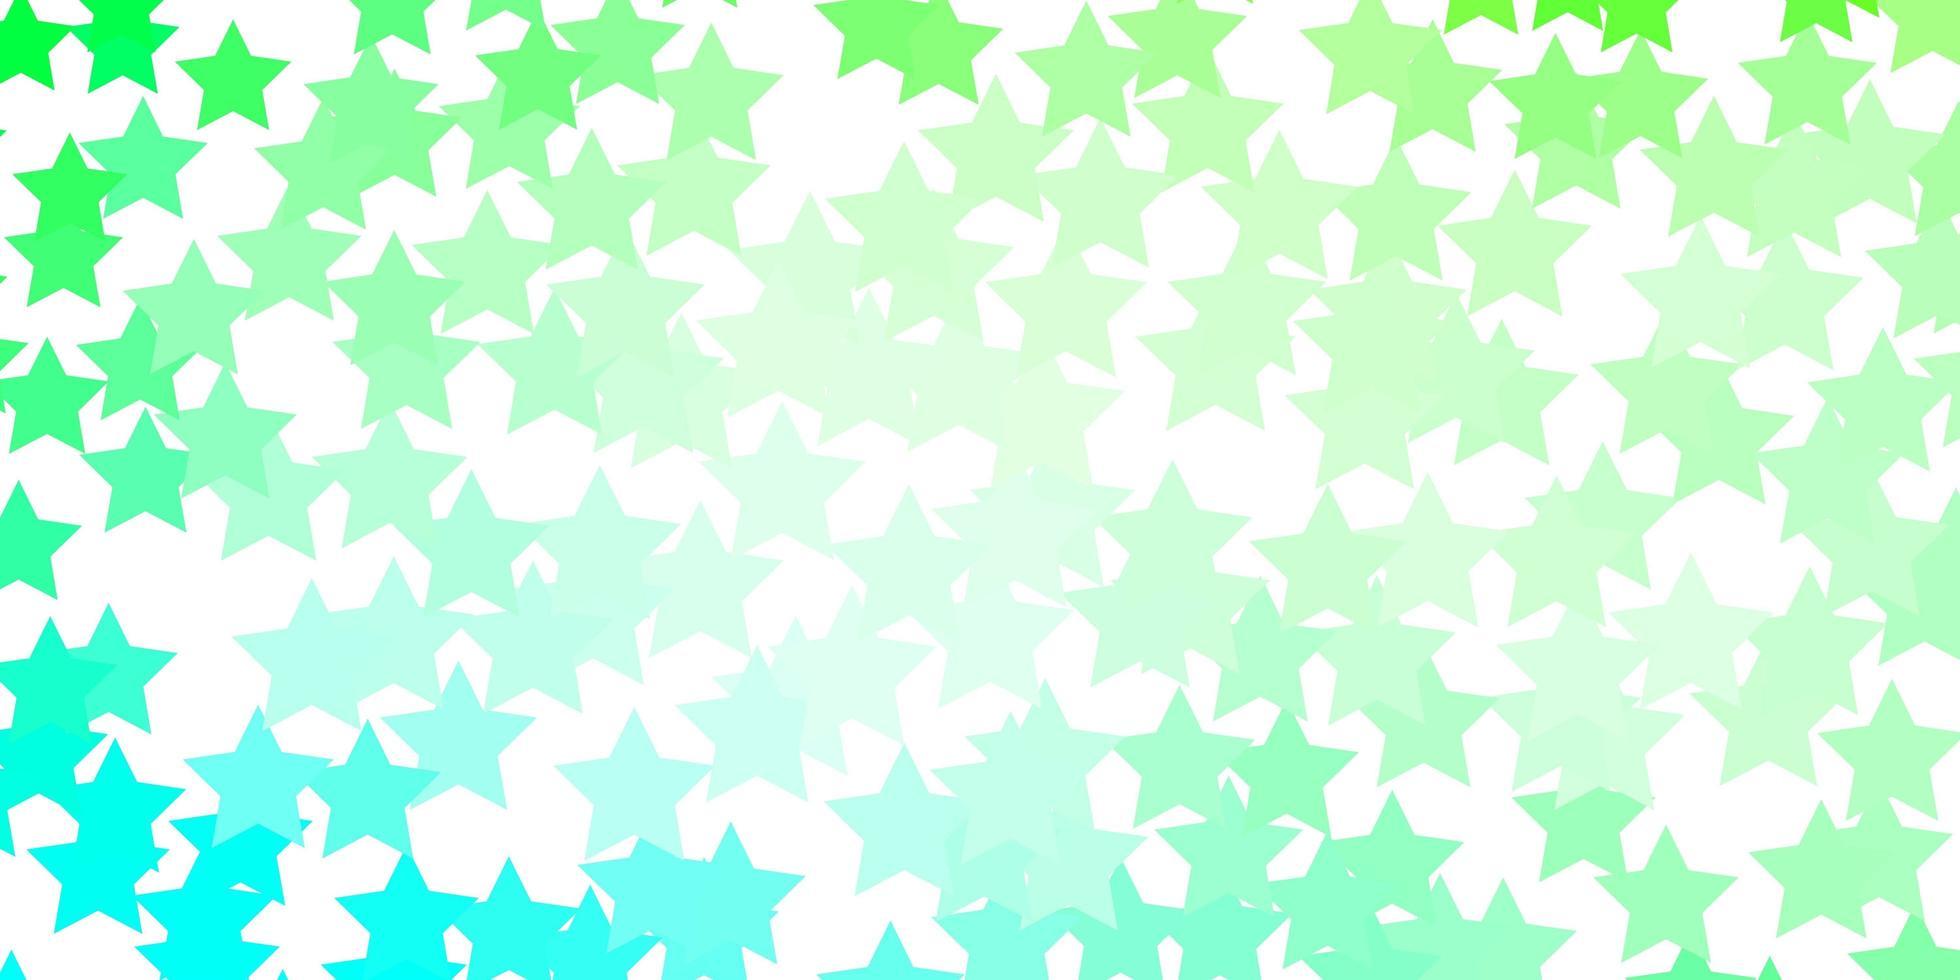 plantilla verde claro con estrellas de neón. vector